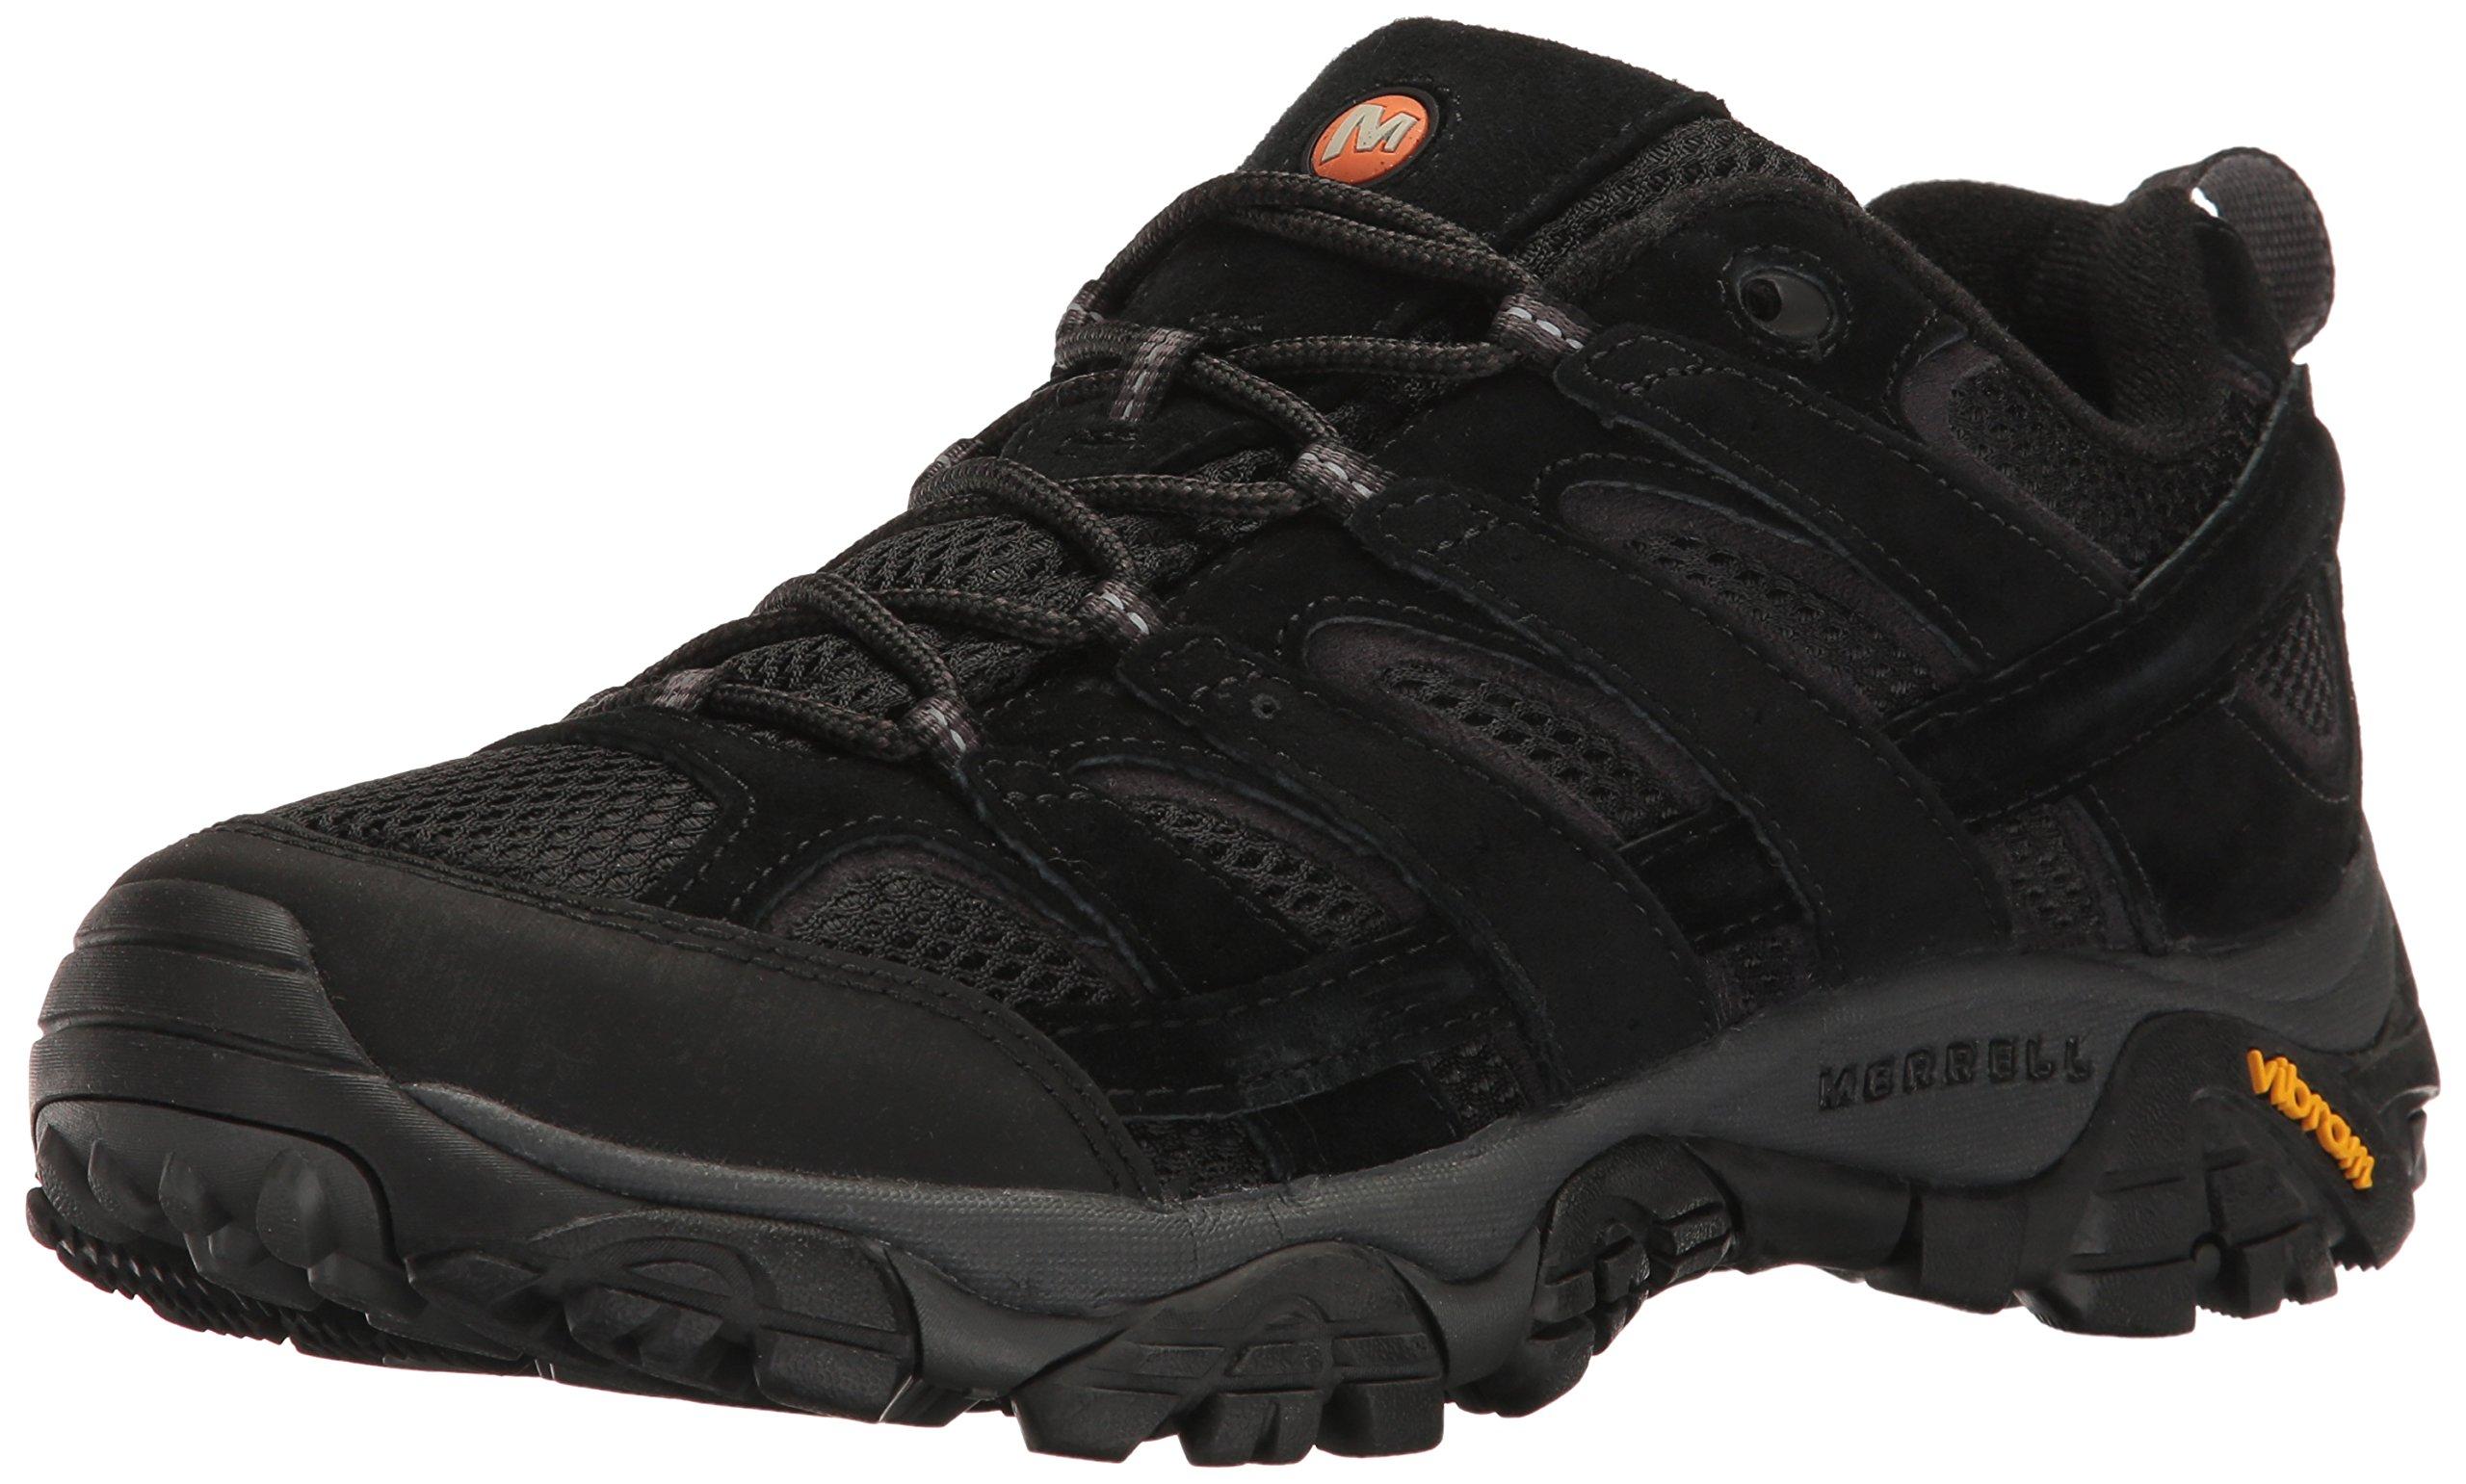 Merrell Men's Moab 2 Vent Hiking Shoe, Black Night, 13 M US